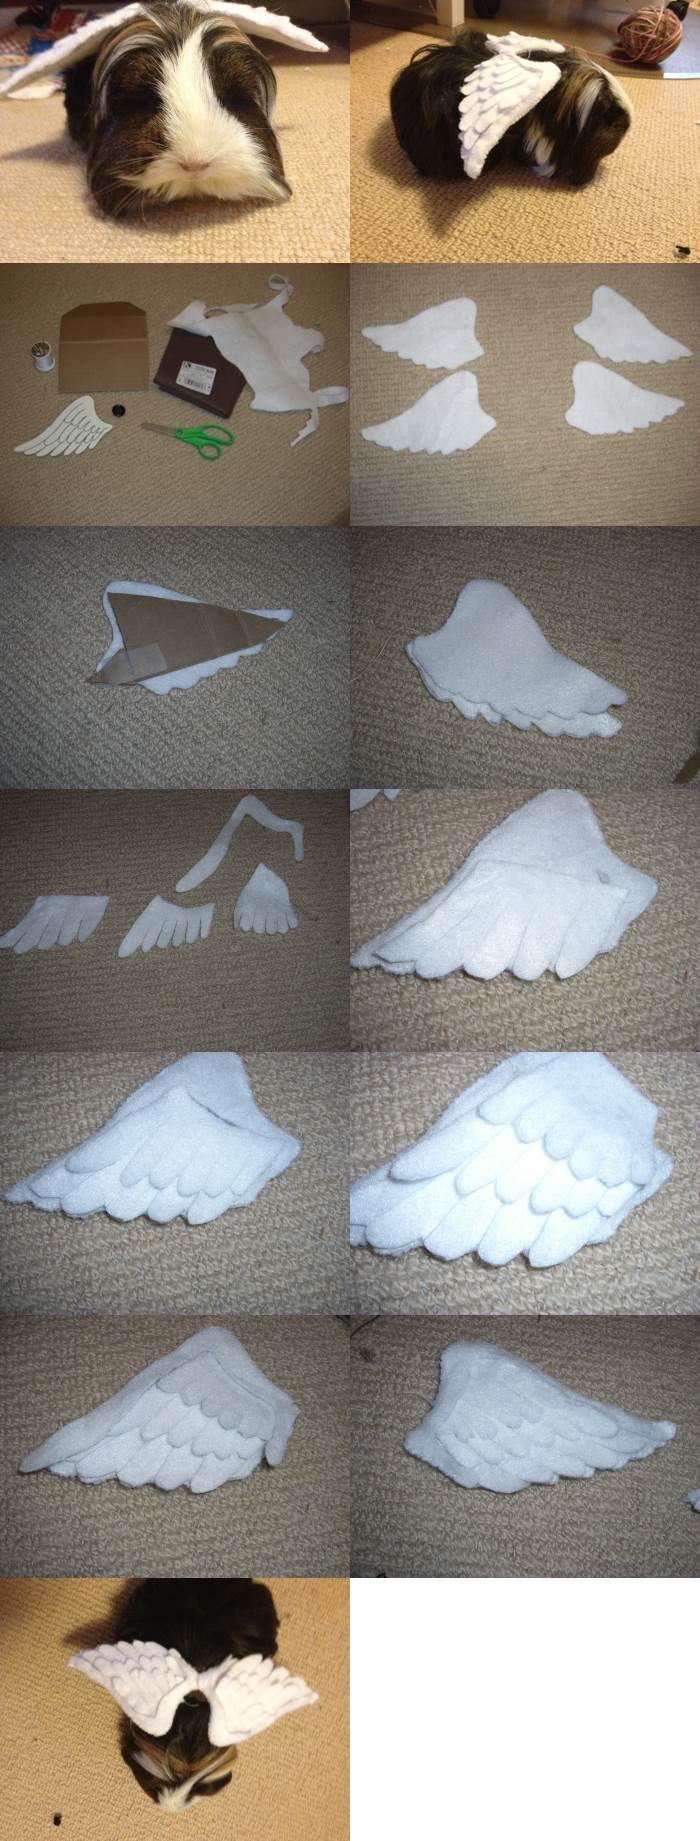 DIY Angel Wings for Guinea Pigs 2